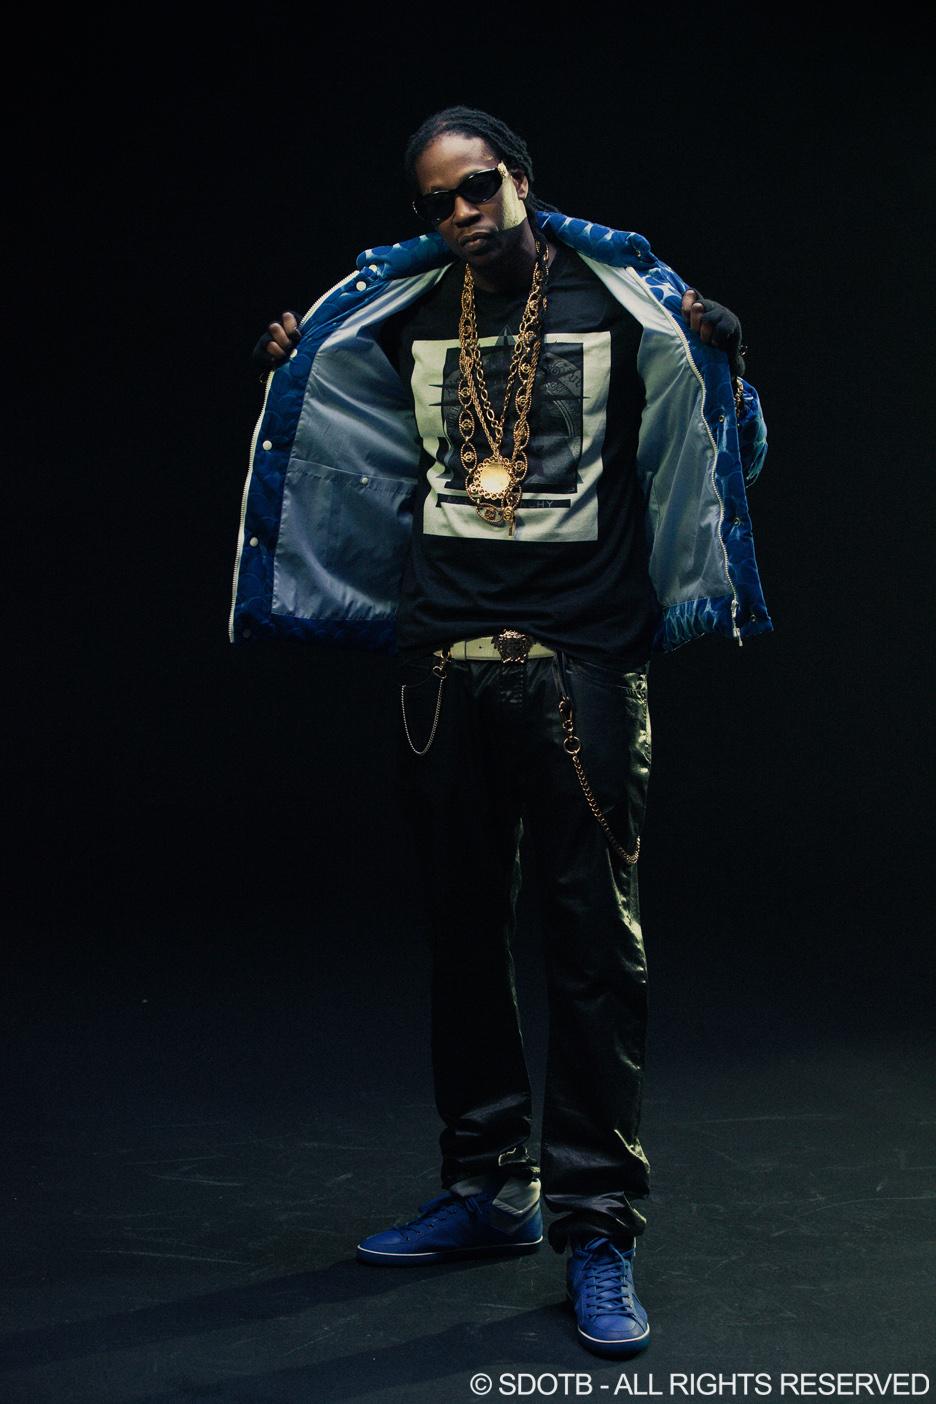 Lil Wayne Yuck